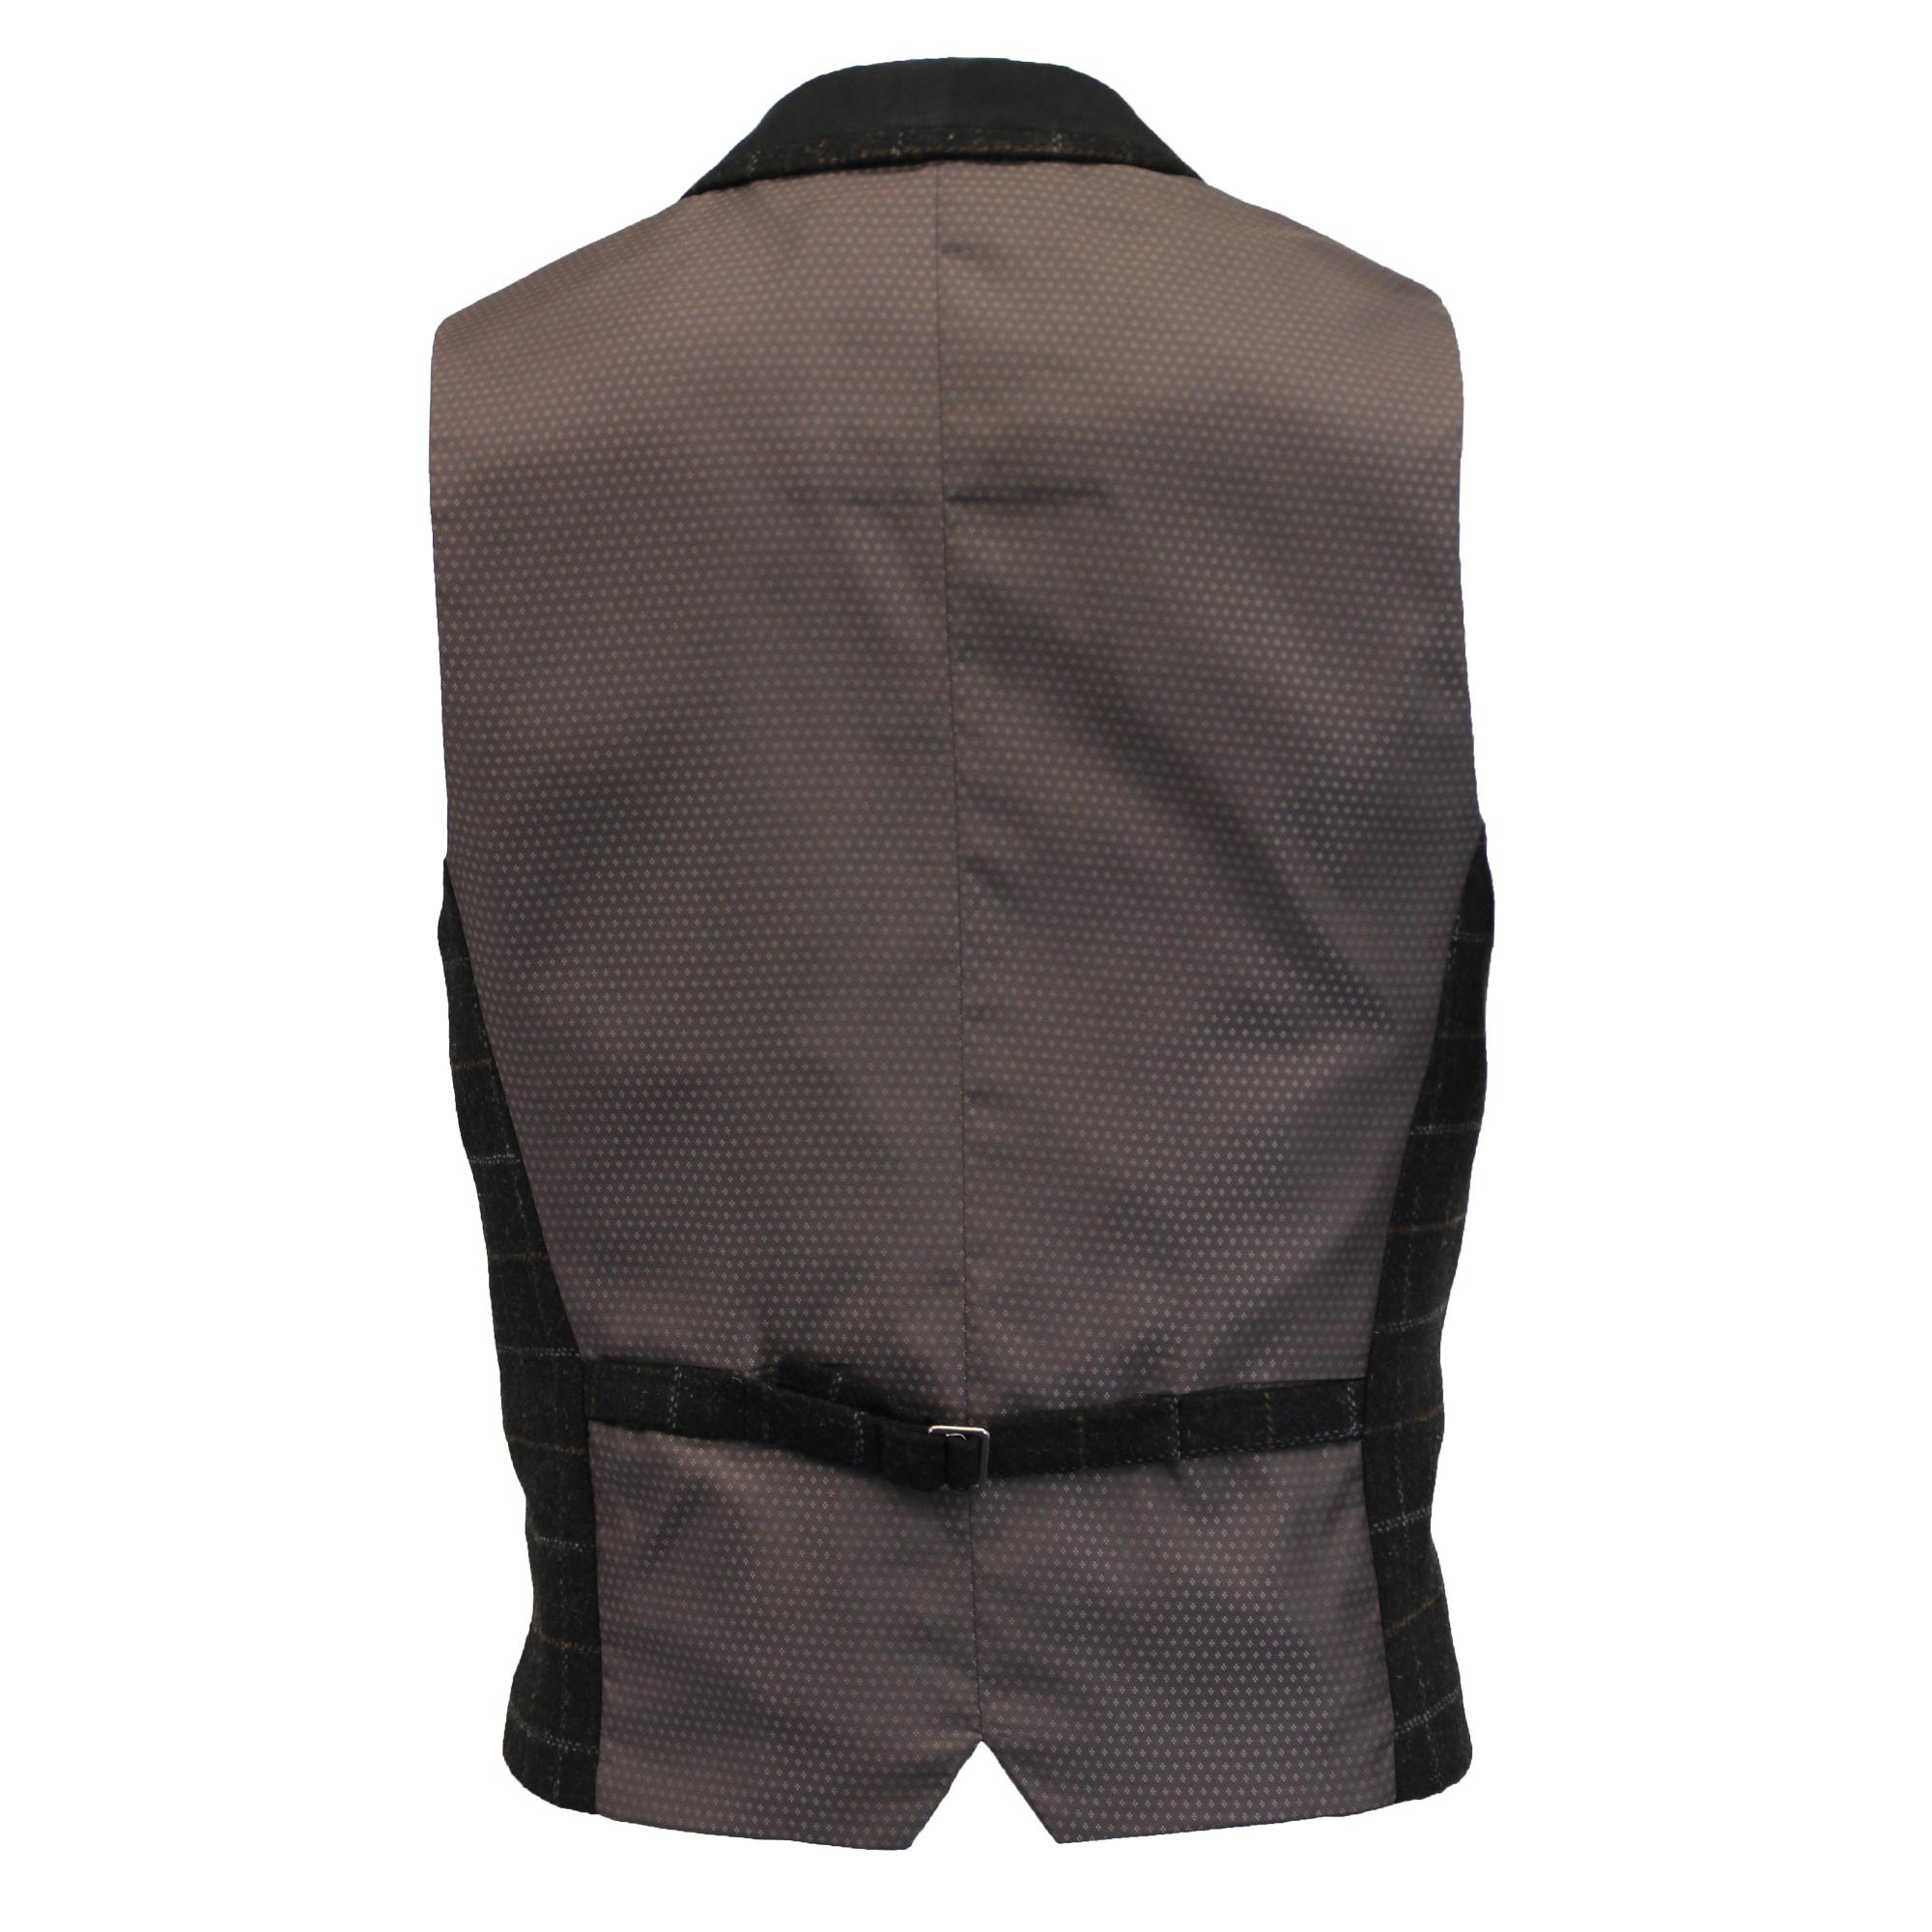 Mezcla-de-lana-para-hombre-mareno-Chaleco-Chaleco-Formal-Herringbone-Tweed-Cuadros-Forrado-de miniatura 6